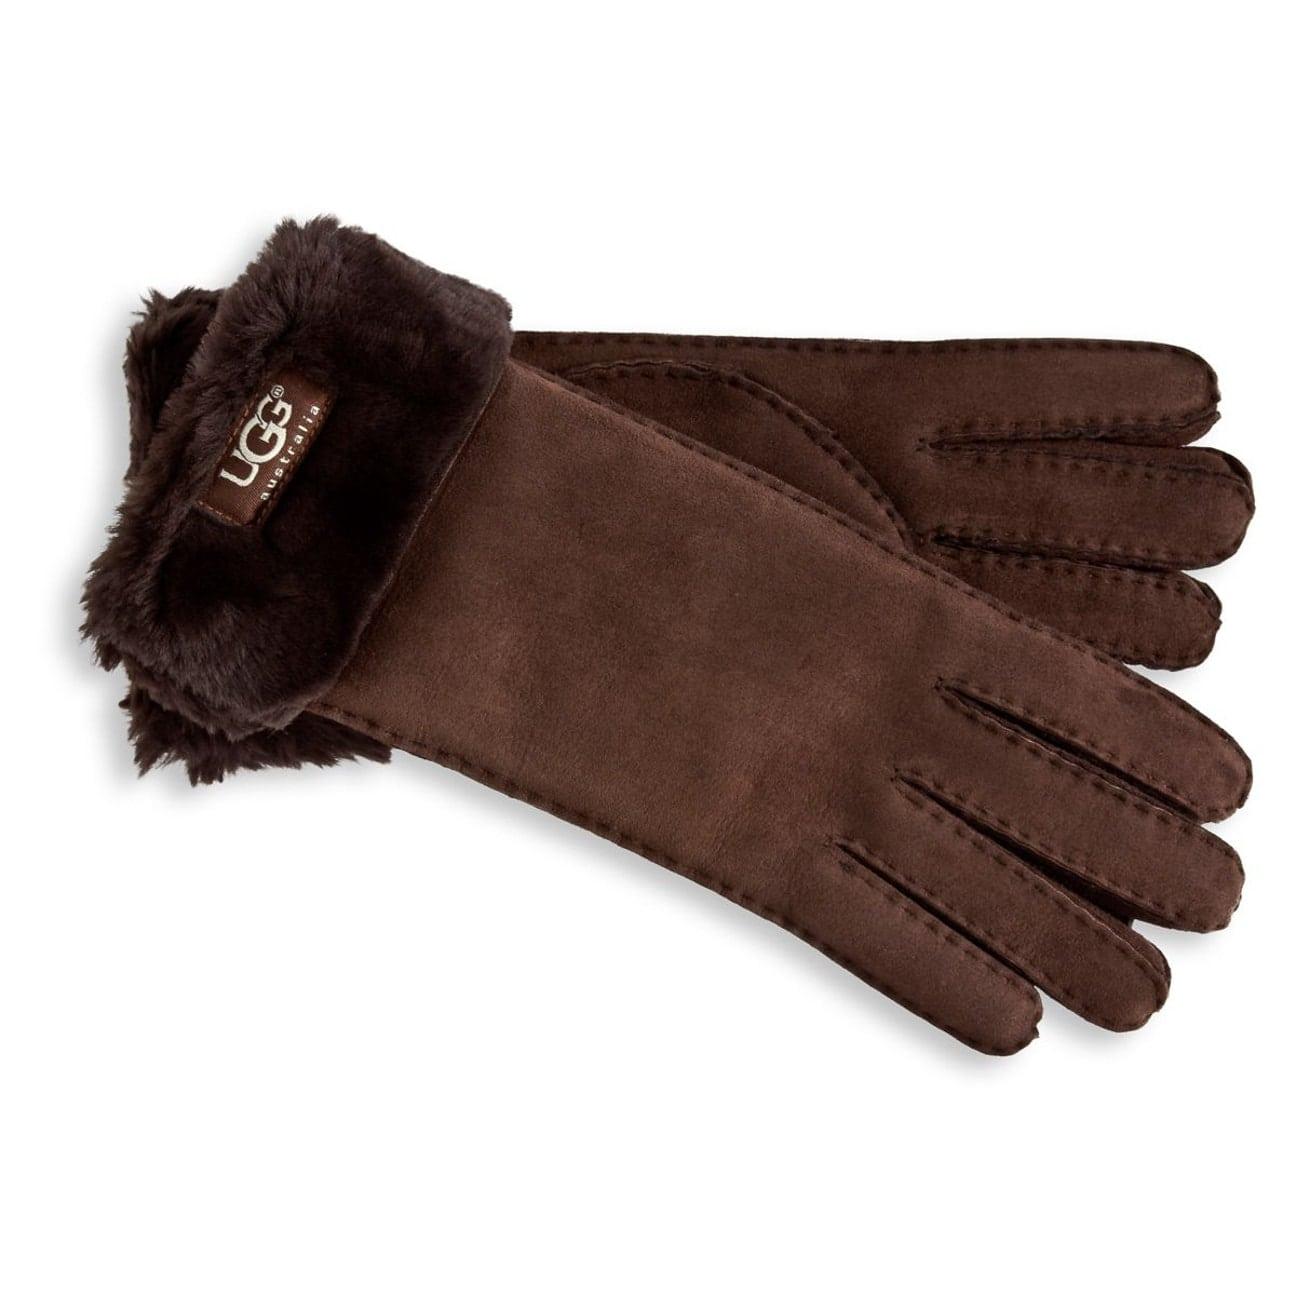 gant ugg pas cher